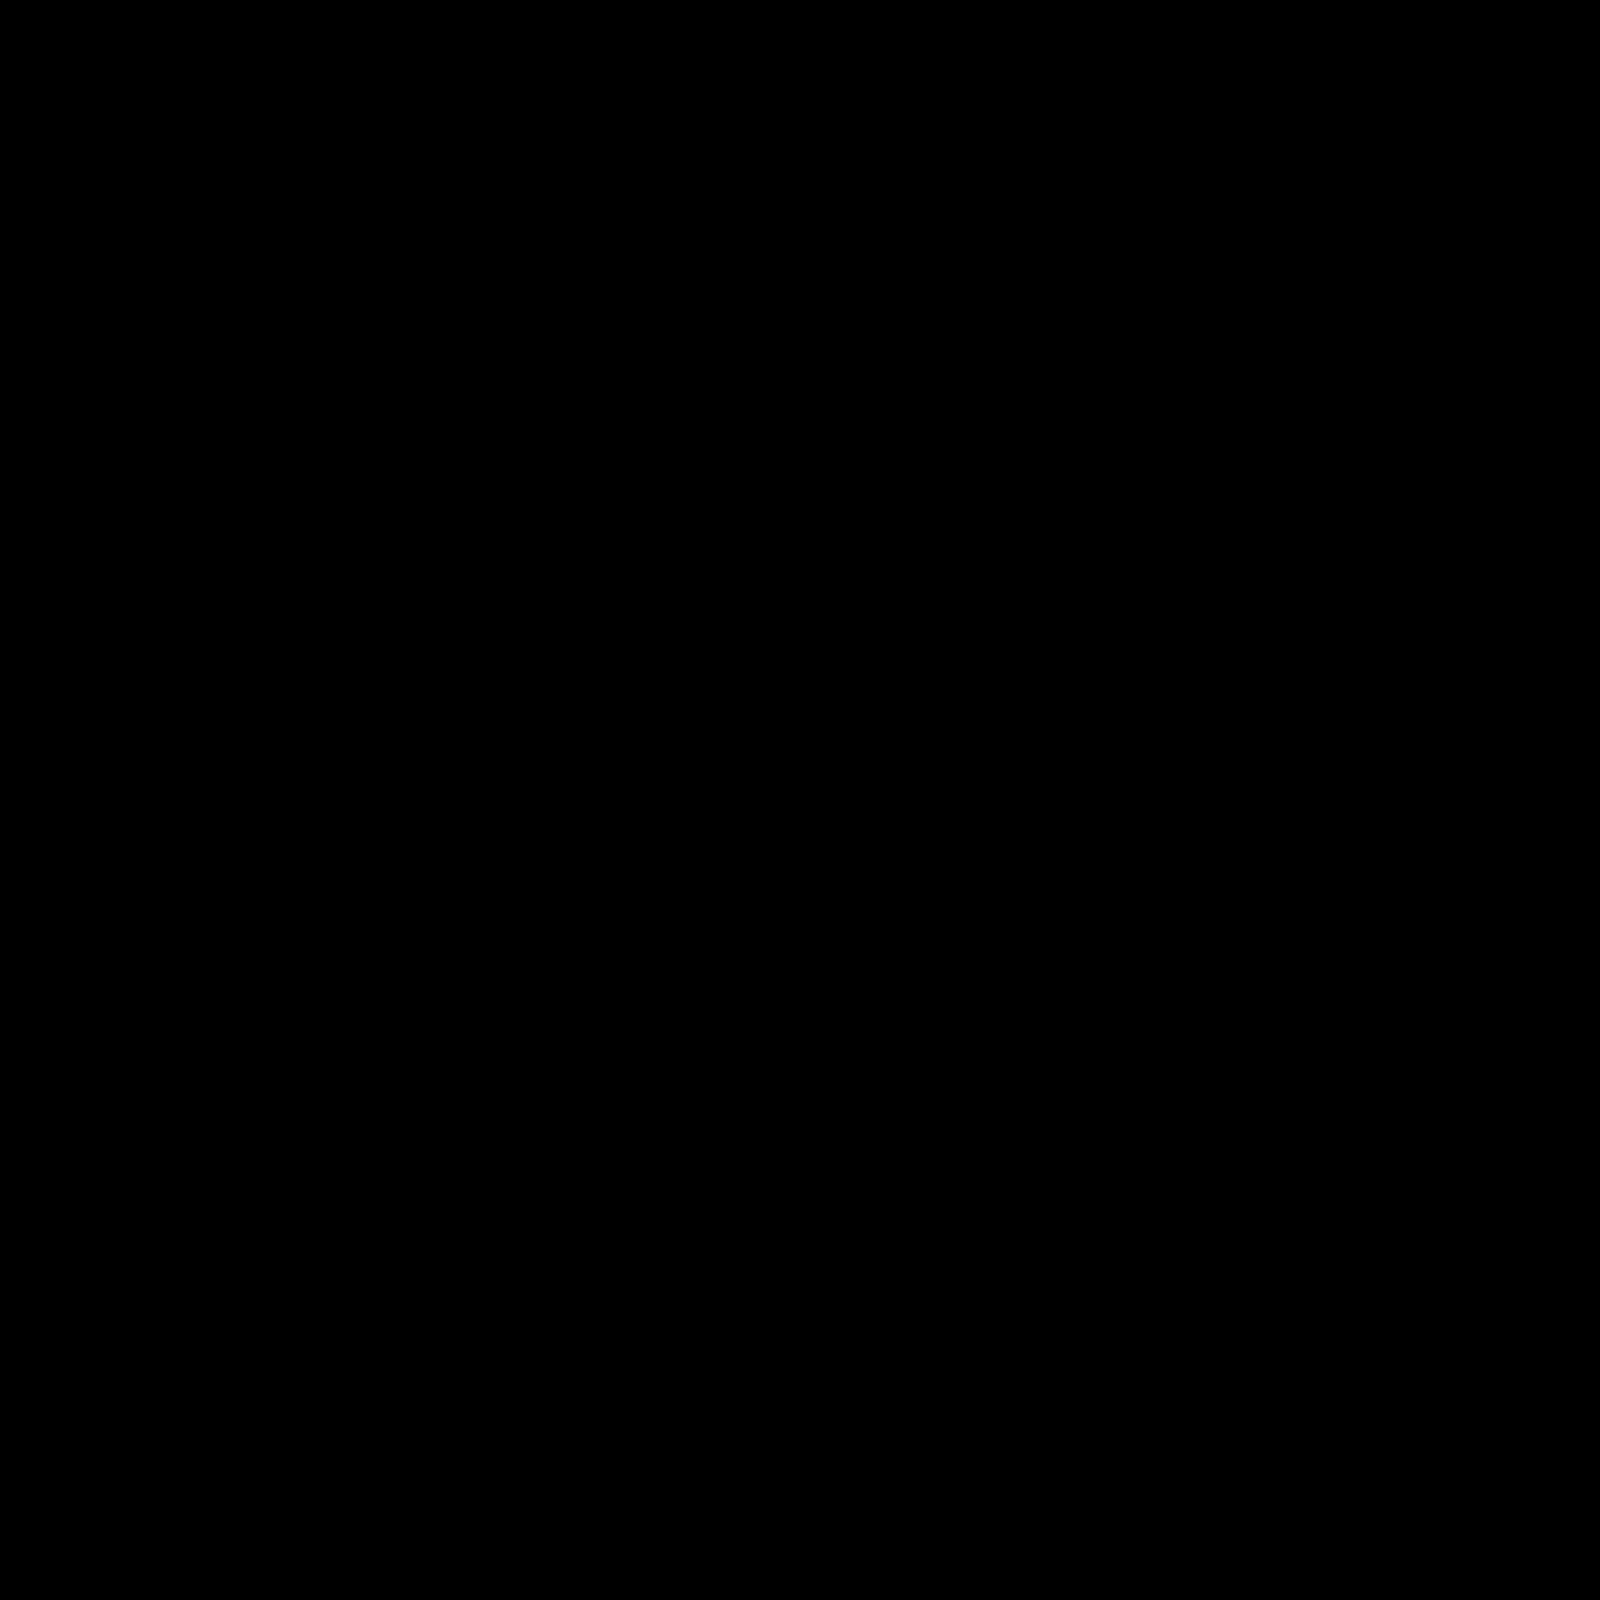 ポリゴン icon. The icon has six sides to it. Each side of the icon is equal in length and size. Each side of the icon connect to one another so the shape of it goes all the way around.